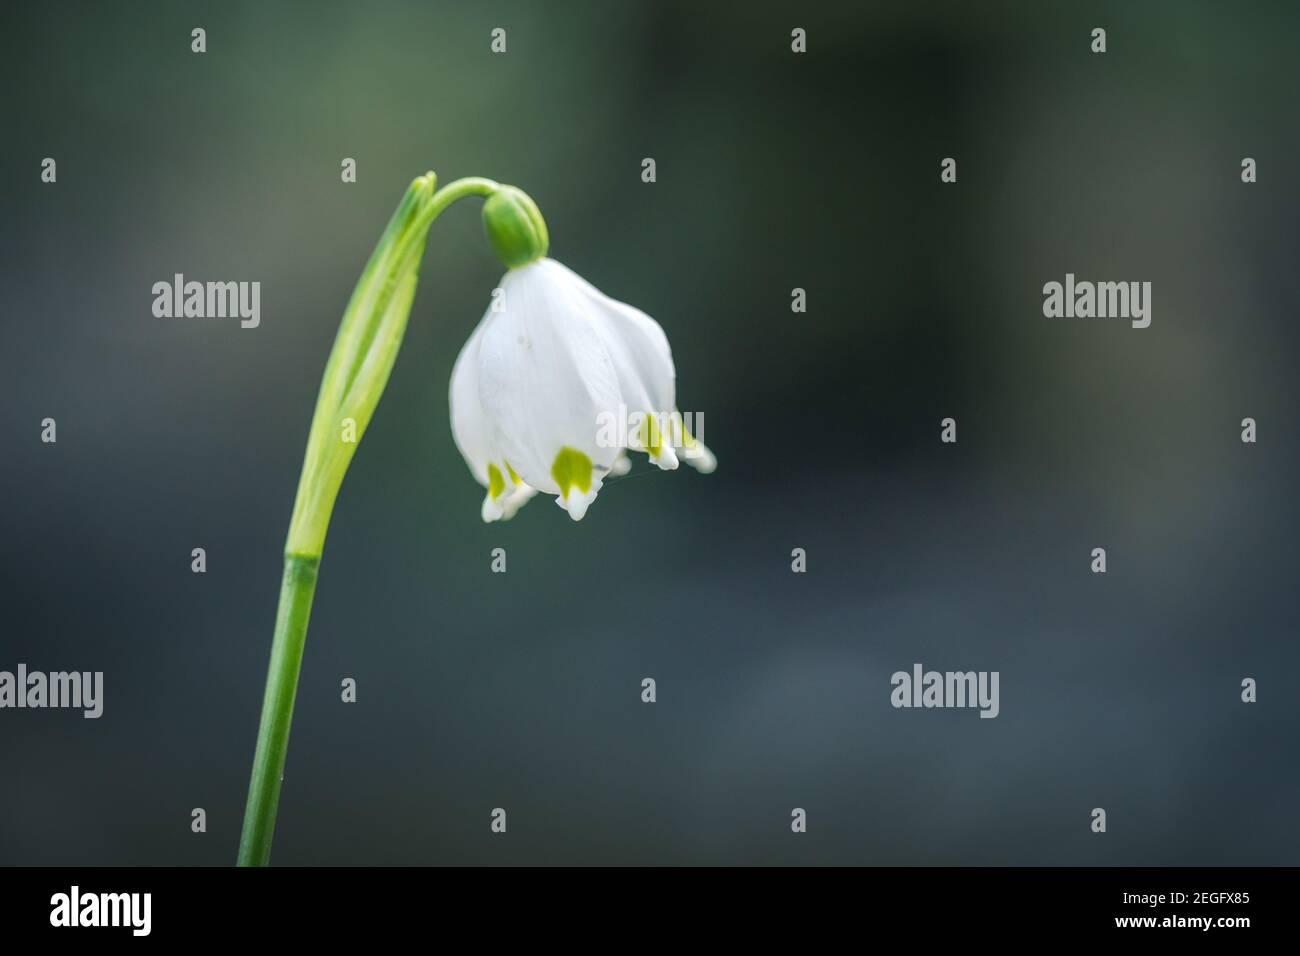 Leucojum vernum ou flocon de neige printanier - fleurs blanches en fleurs au début du printemps dans la forêt, macro de clôture photo. Banque D'Images